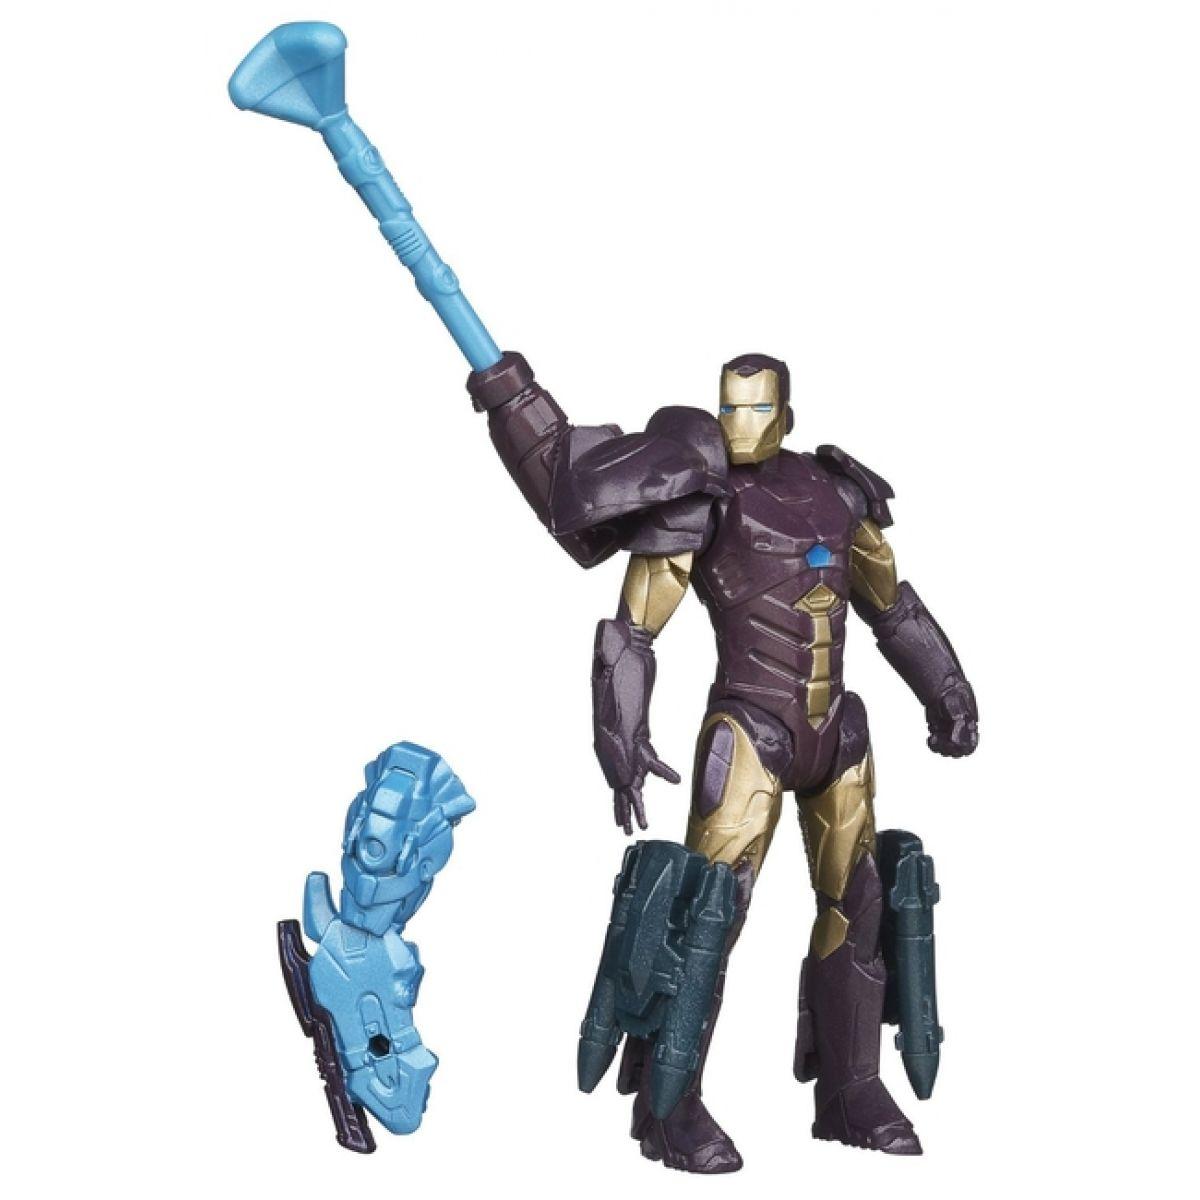 Iron Man sestavitelná figurka Hasbro - Stealth Tech Iron Man